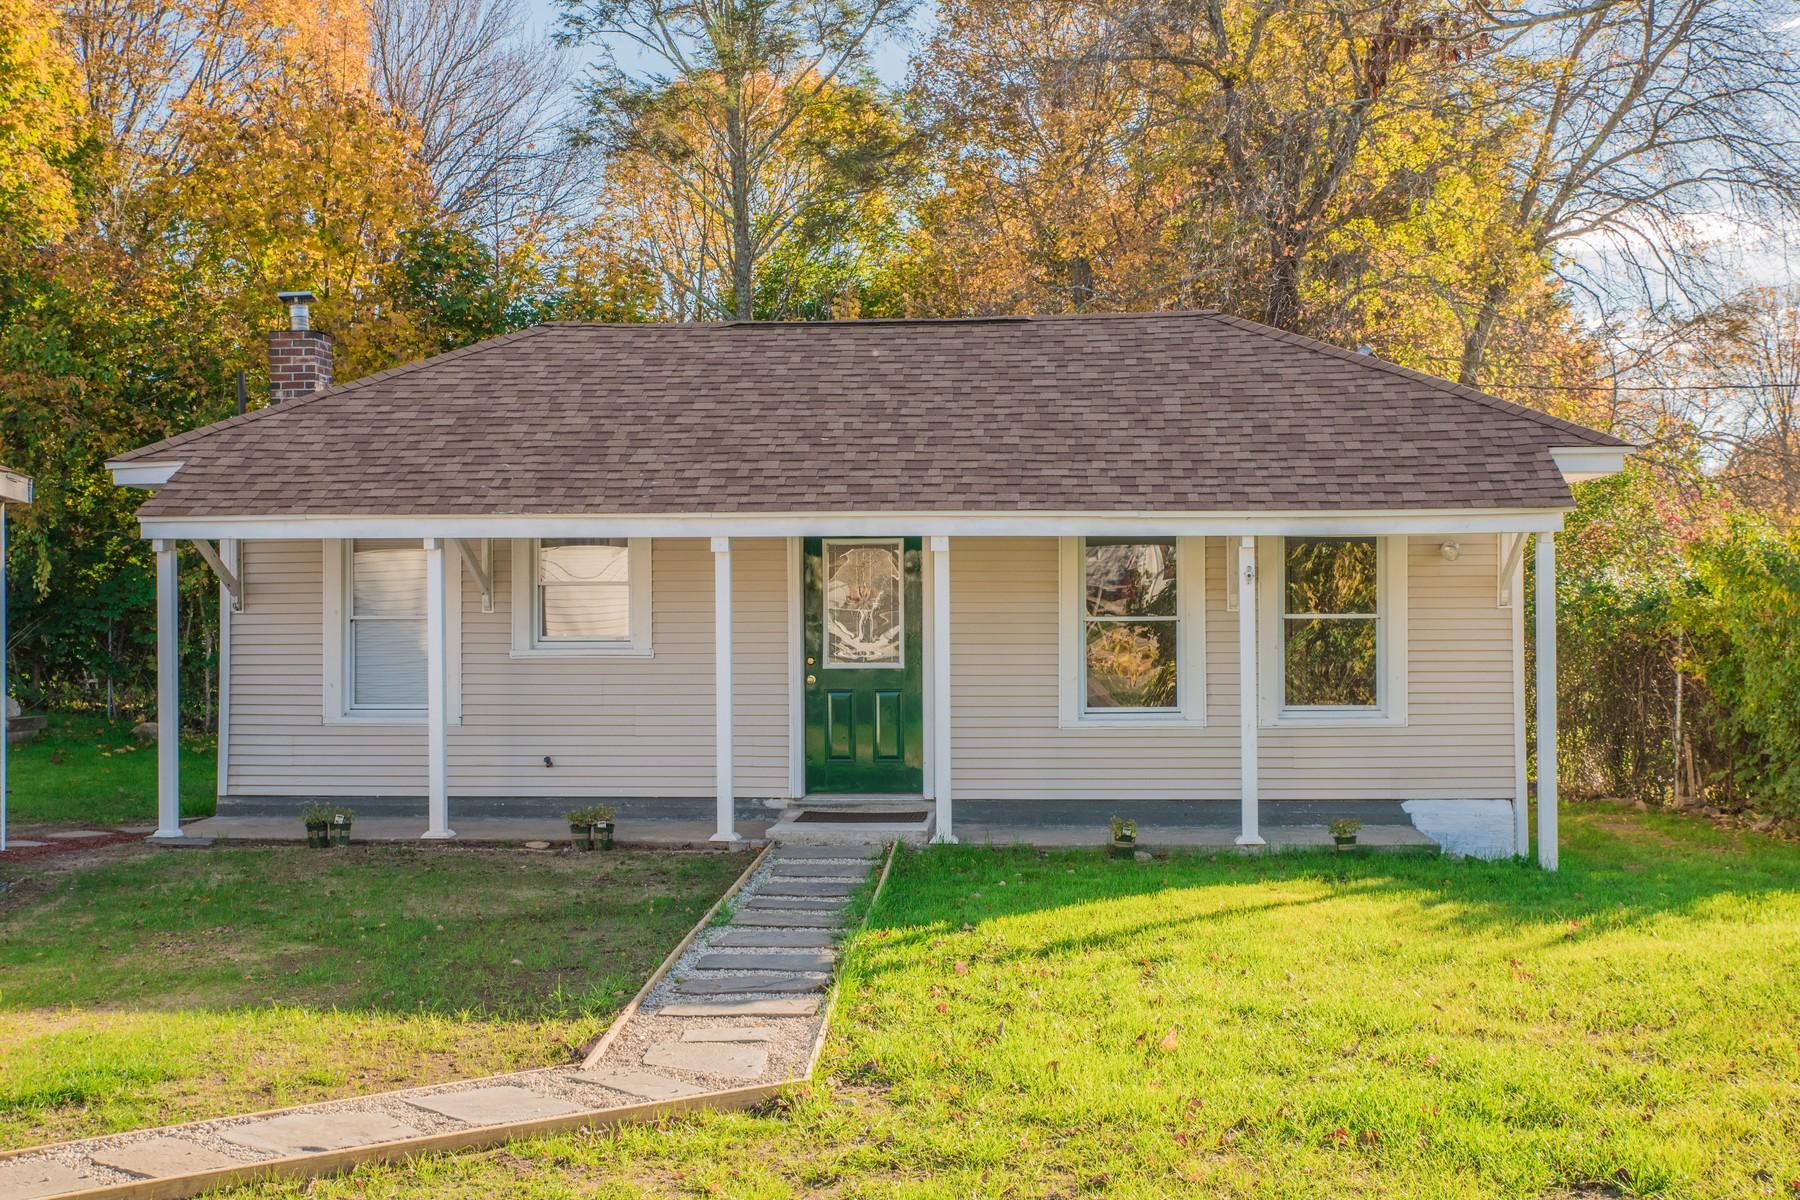 一戸建て のために 売買 アット Newly Remodeled Bungalow 20 William St Waterford, コネチカット, 06385 アメリカ合衆国